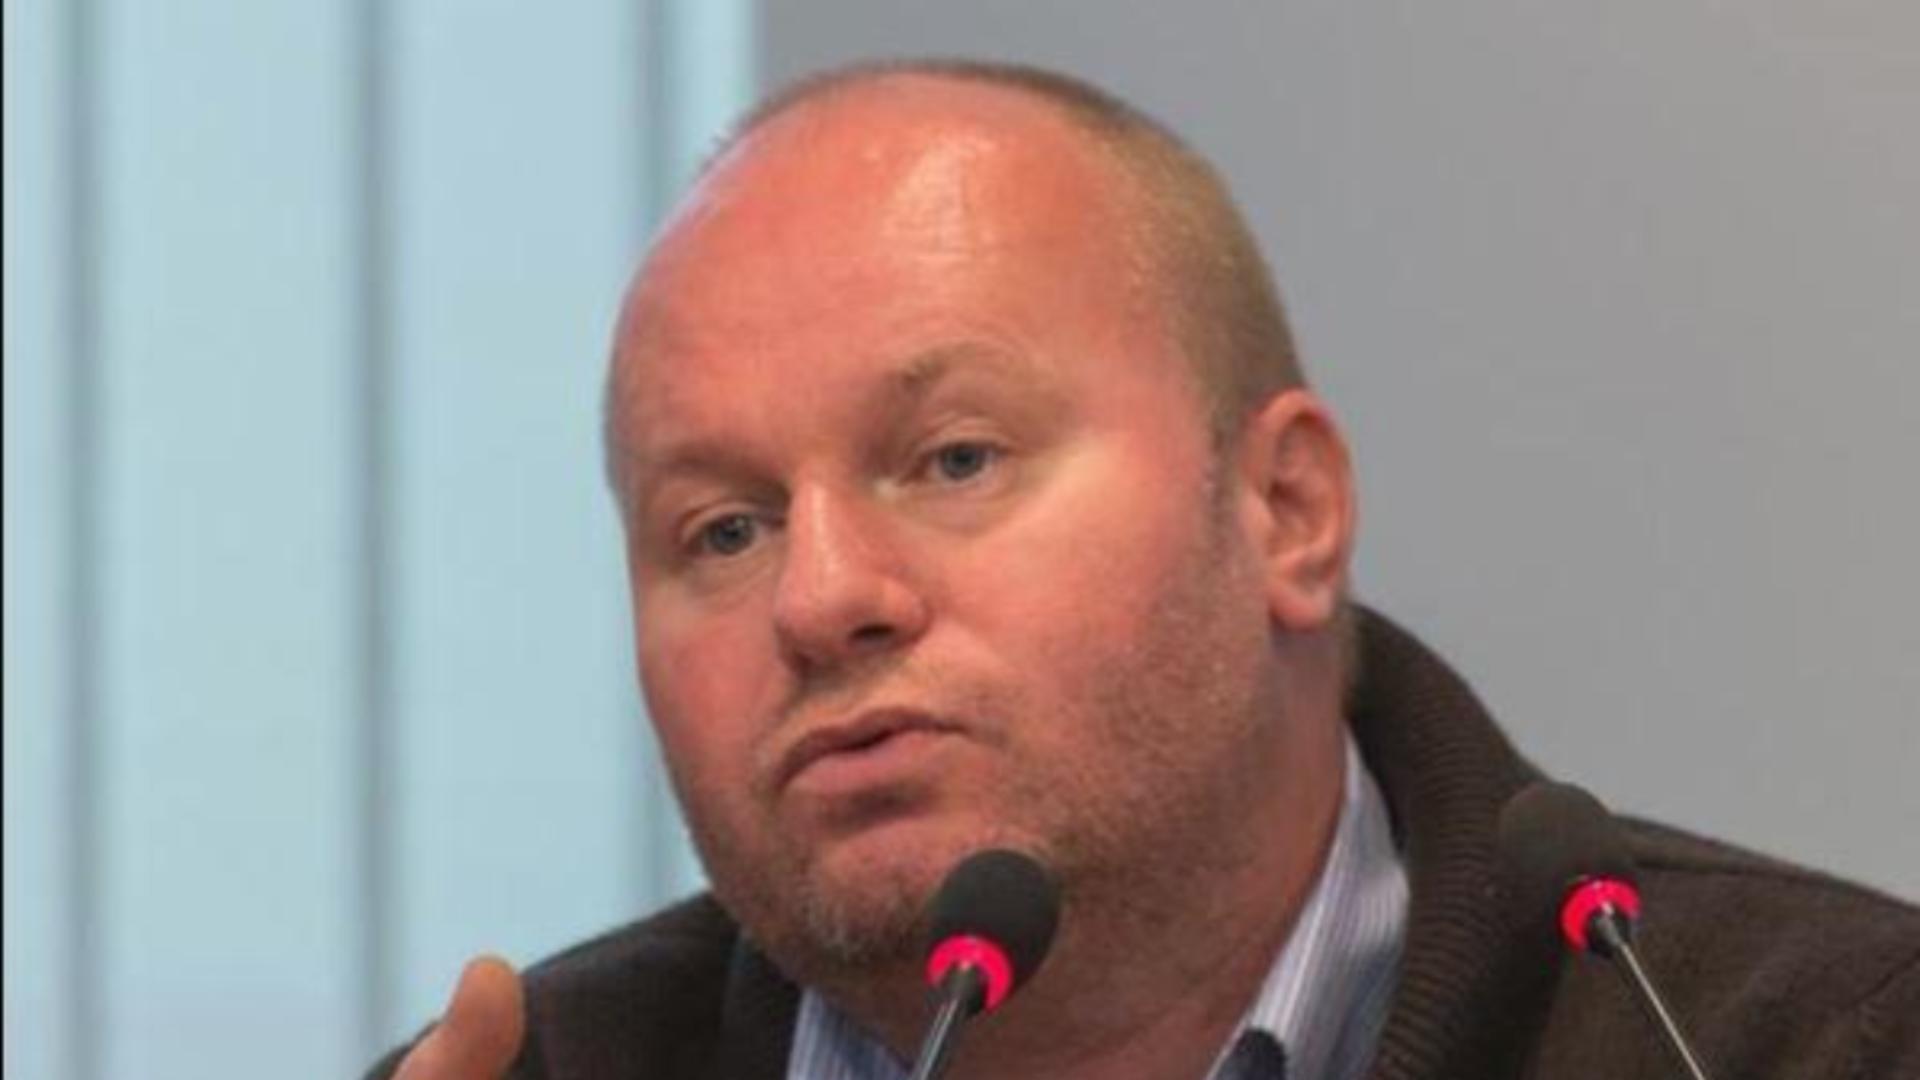 Profesor în economie Cristian Păun